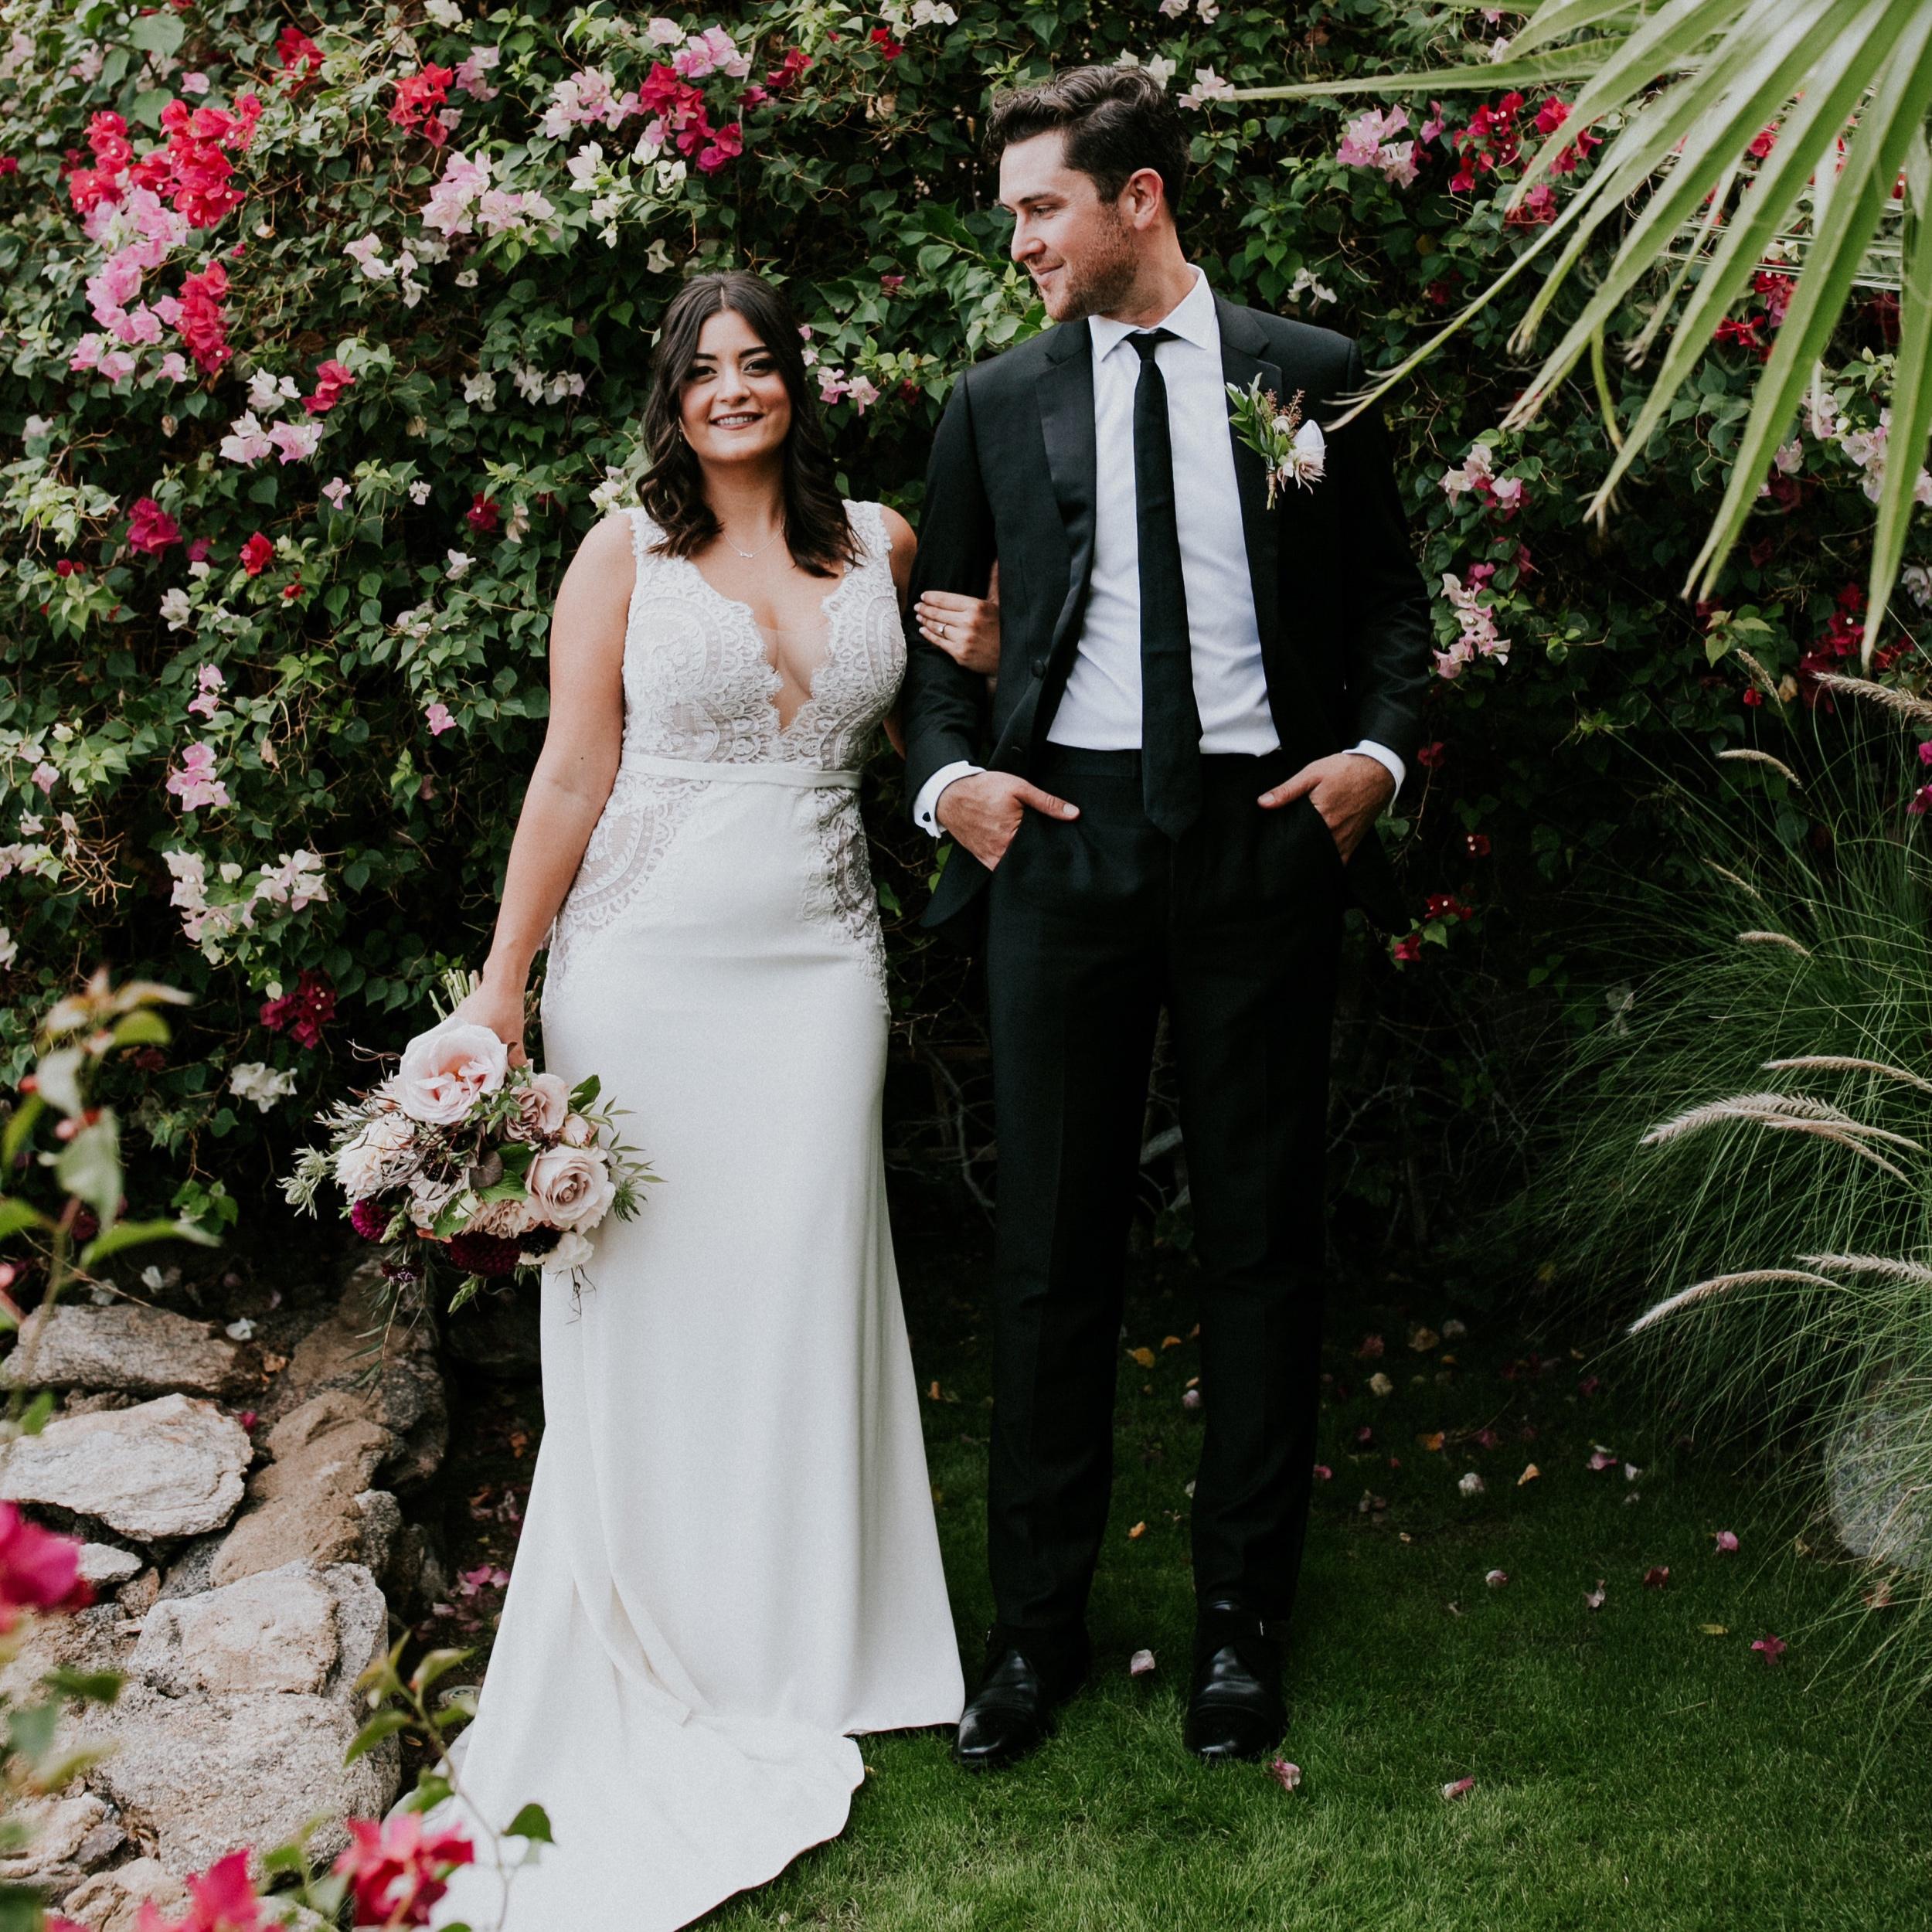 dani%26chris_married_431995.jpg